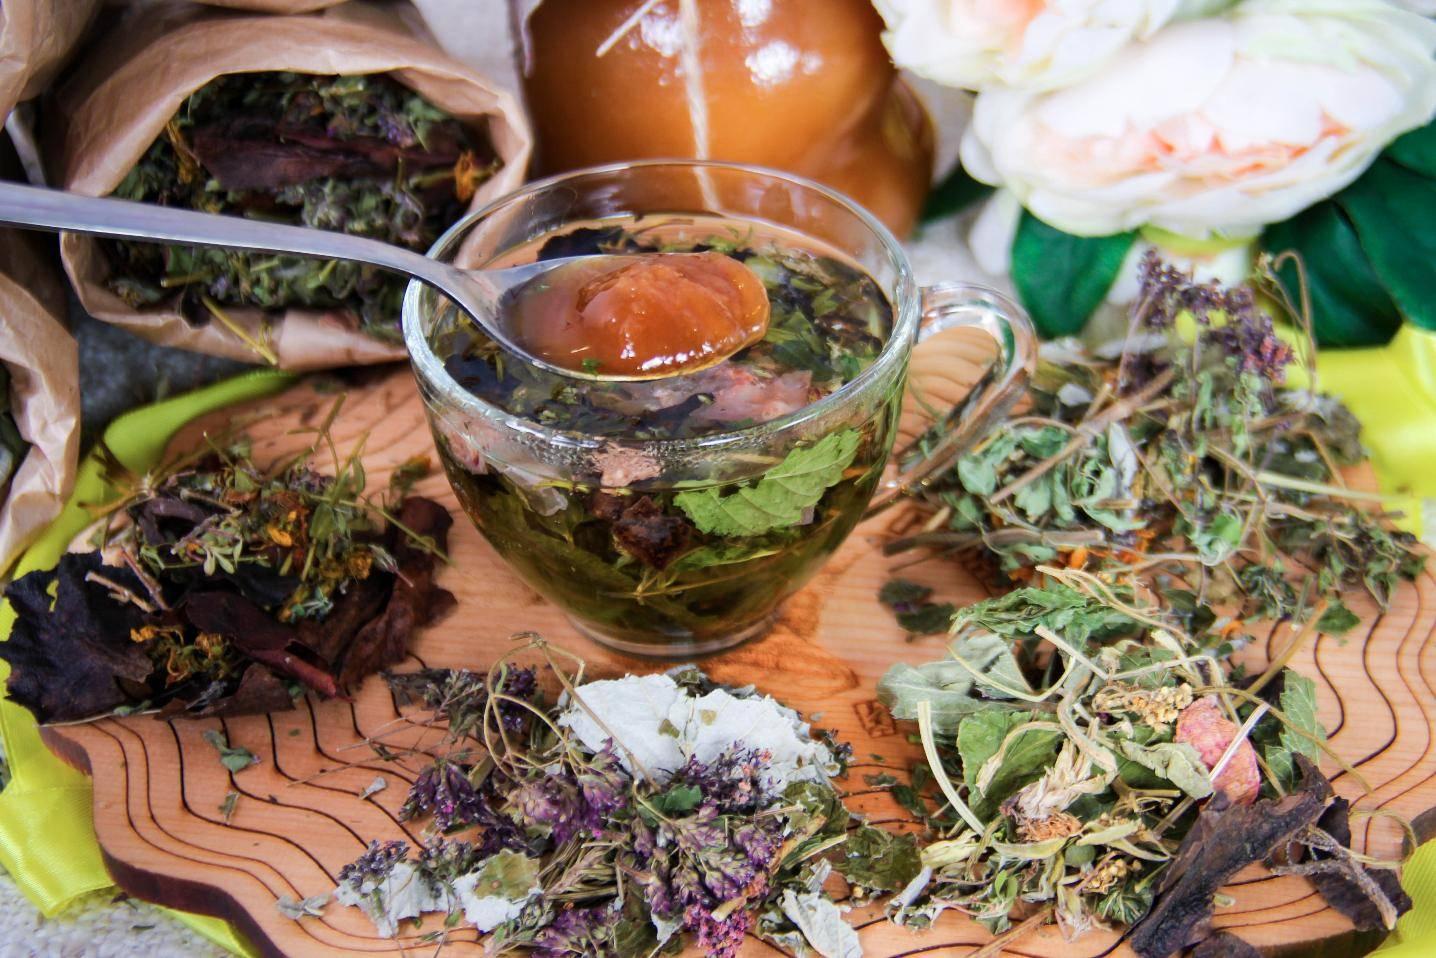 Чай для похудения в аптеках - какой лучше и эффективнее помогает худеющим с названиями и ценами